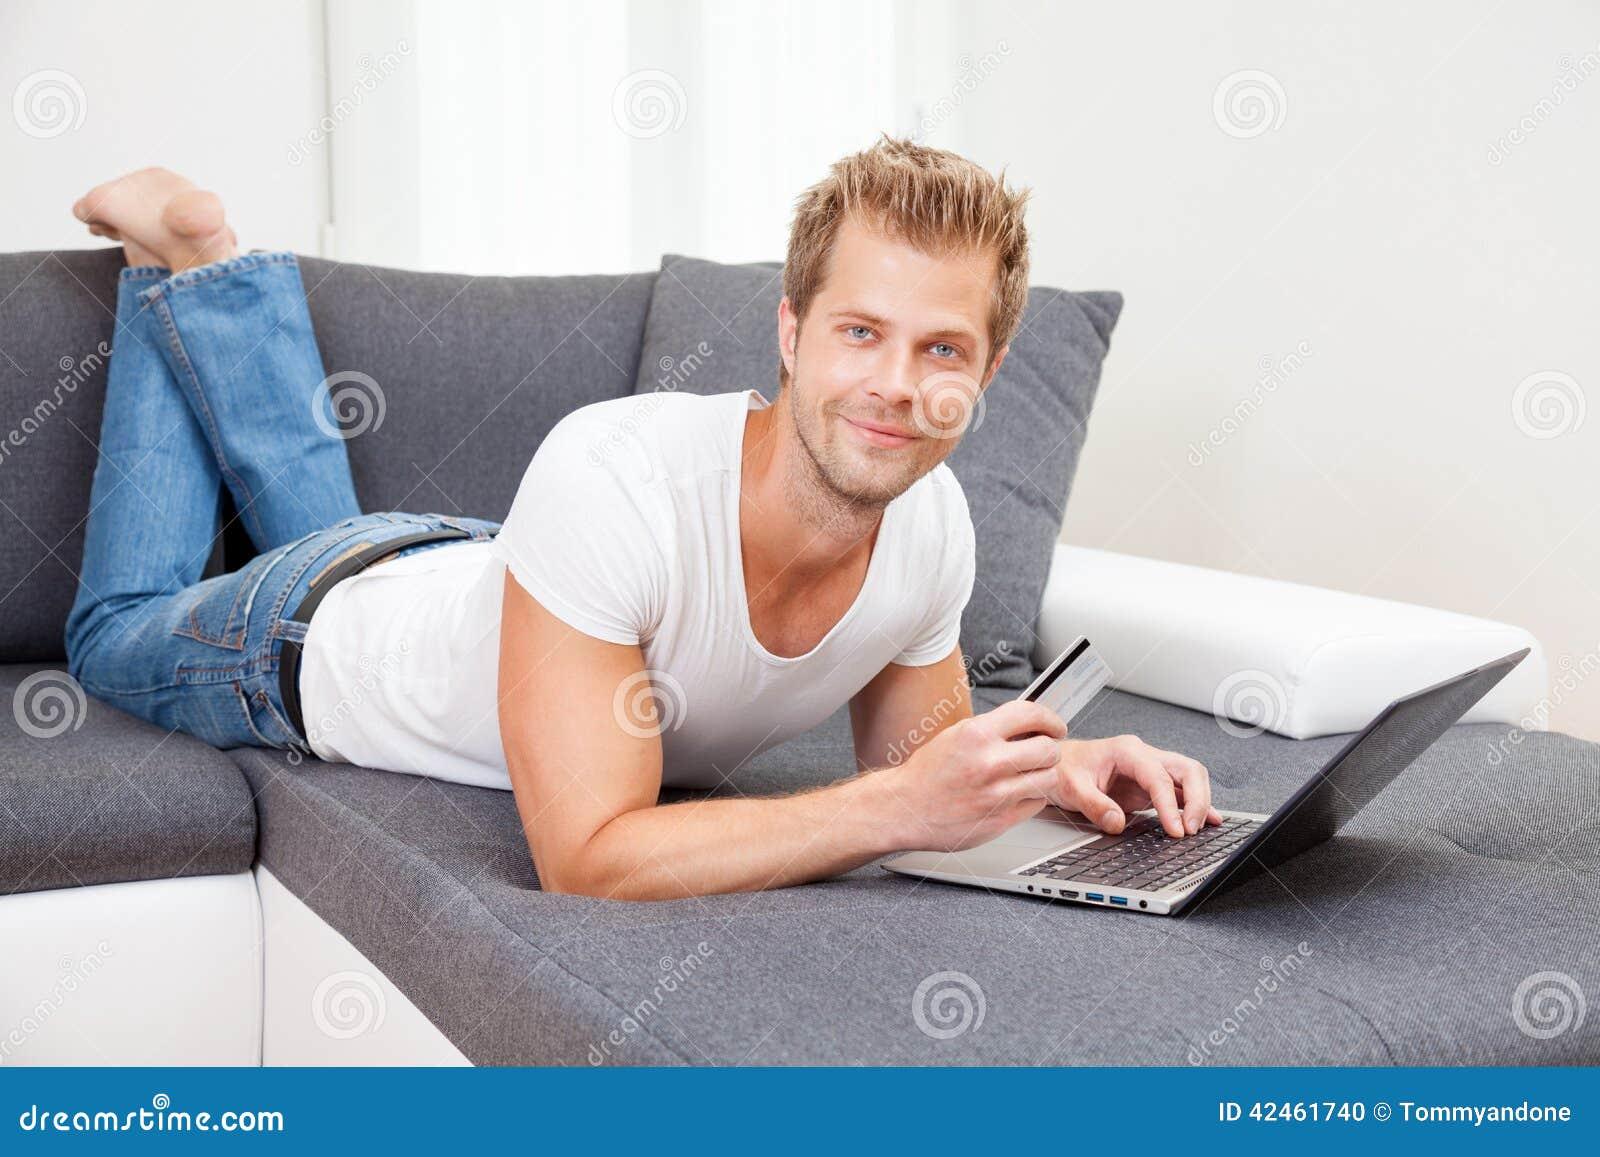 On-line-Einkaufen vom Komfort Ihres Hauses